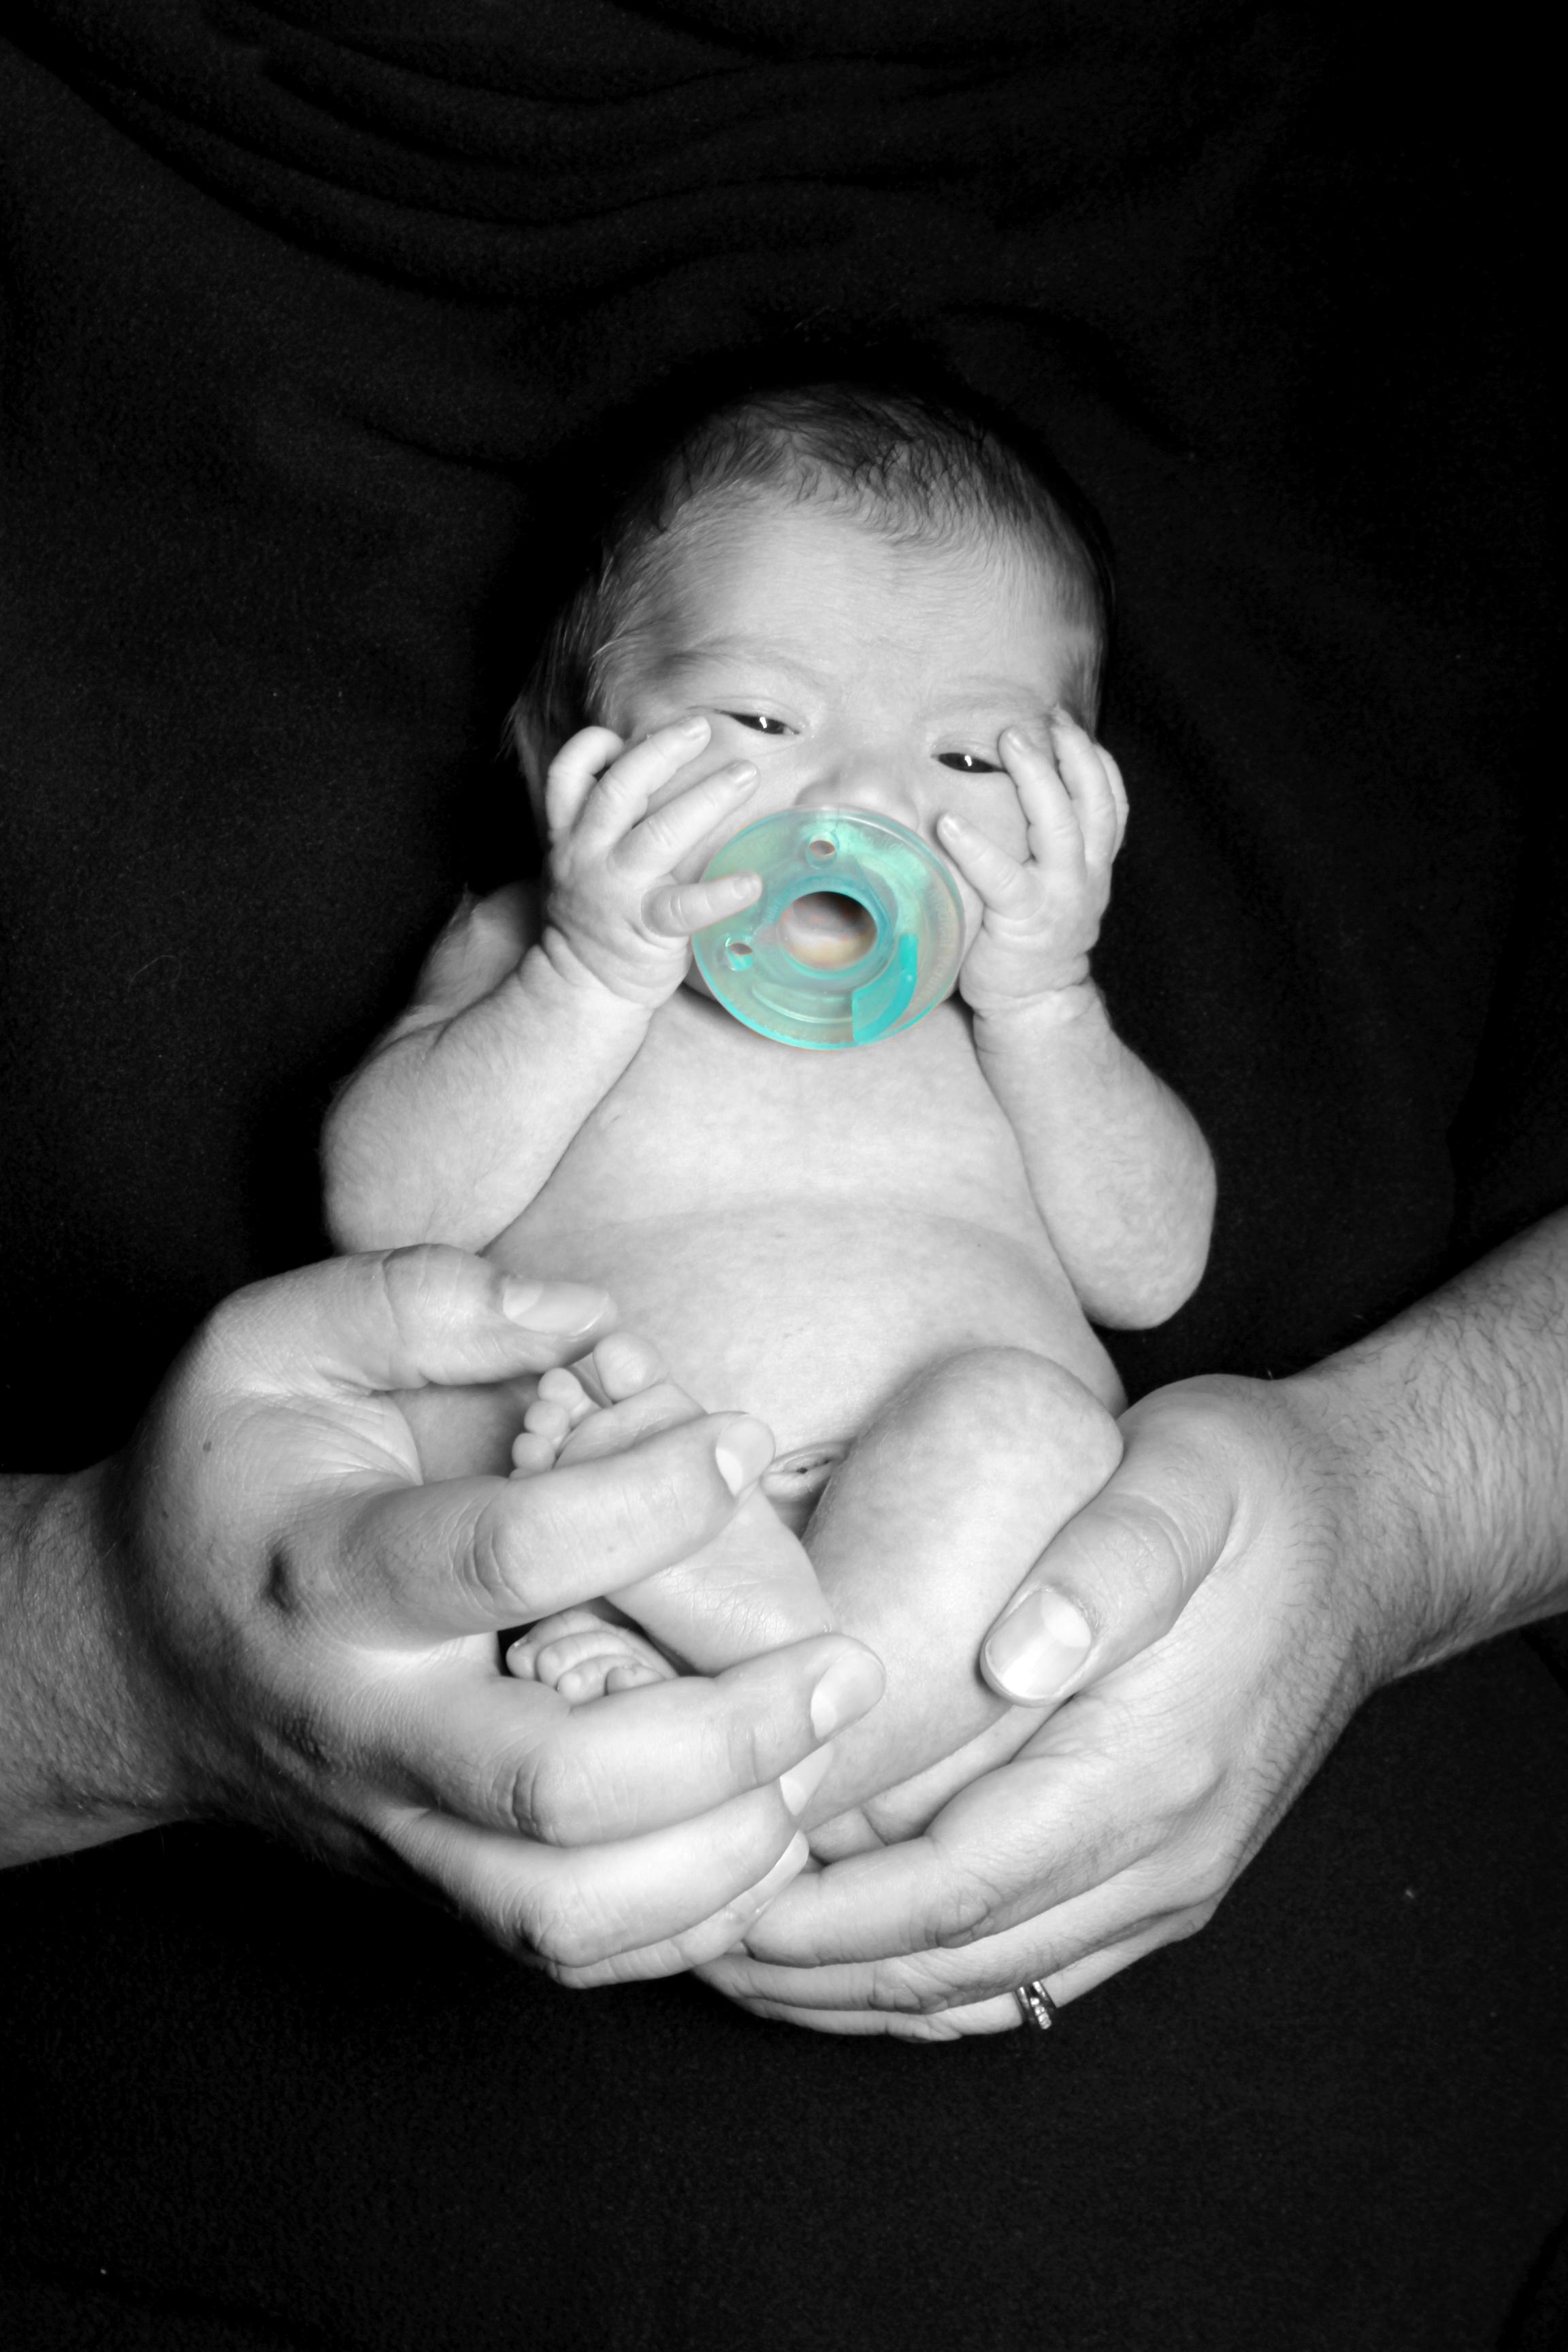 baby paci